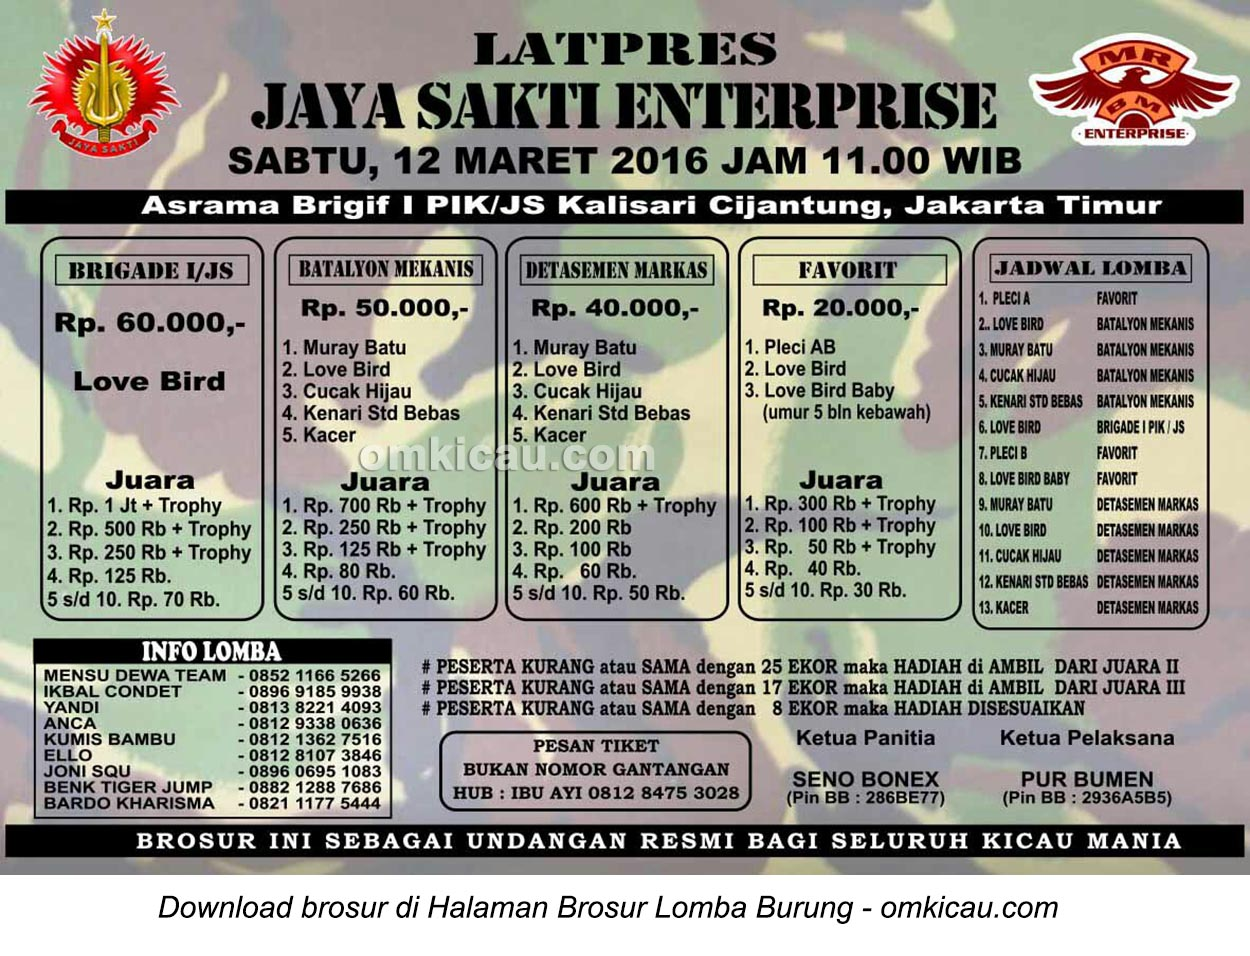 Brosur Latpres Burung Berkicau Jaya Sakti Enterprise, Jakarta Timur, 12 Maret 2016